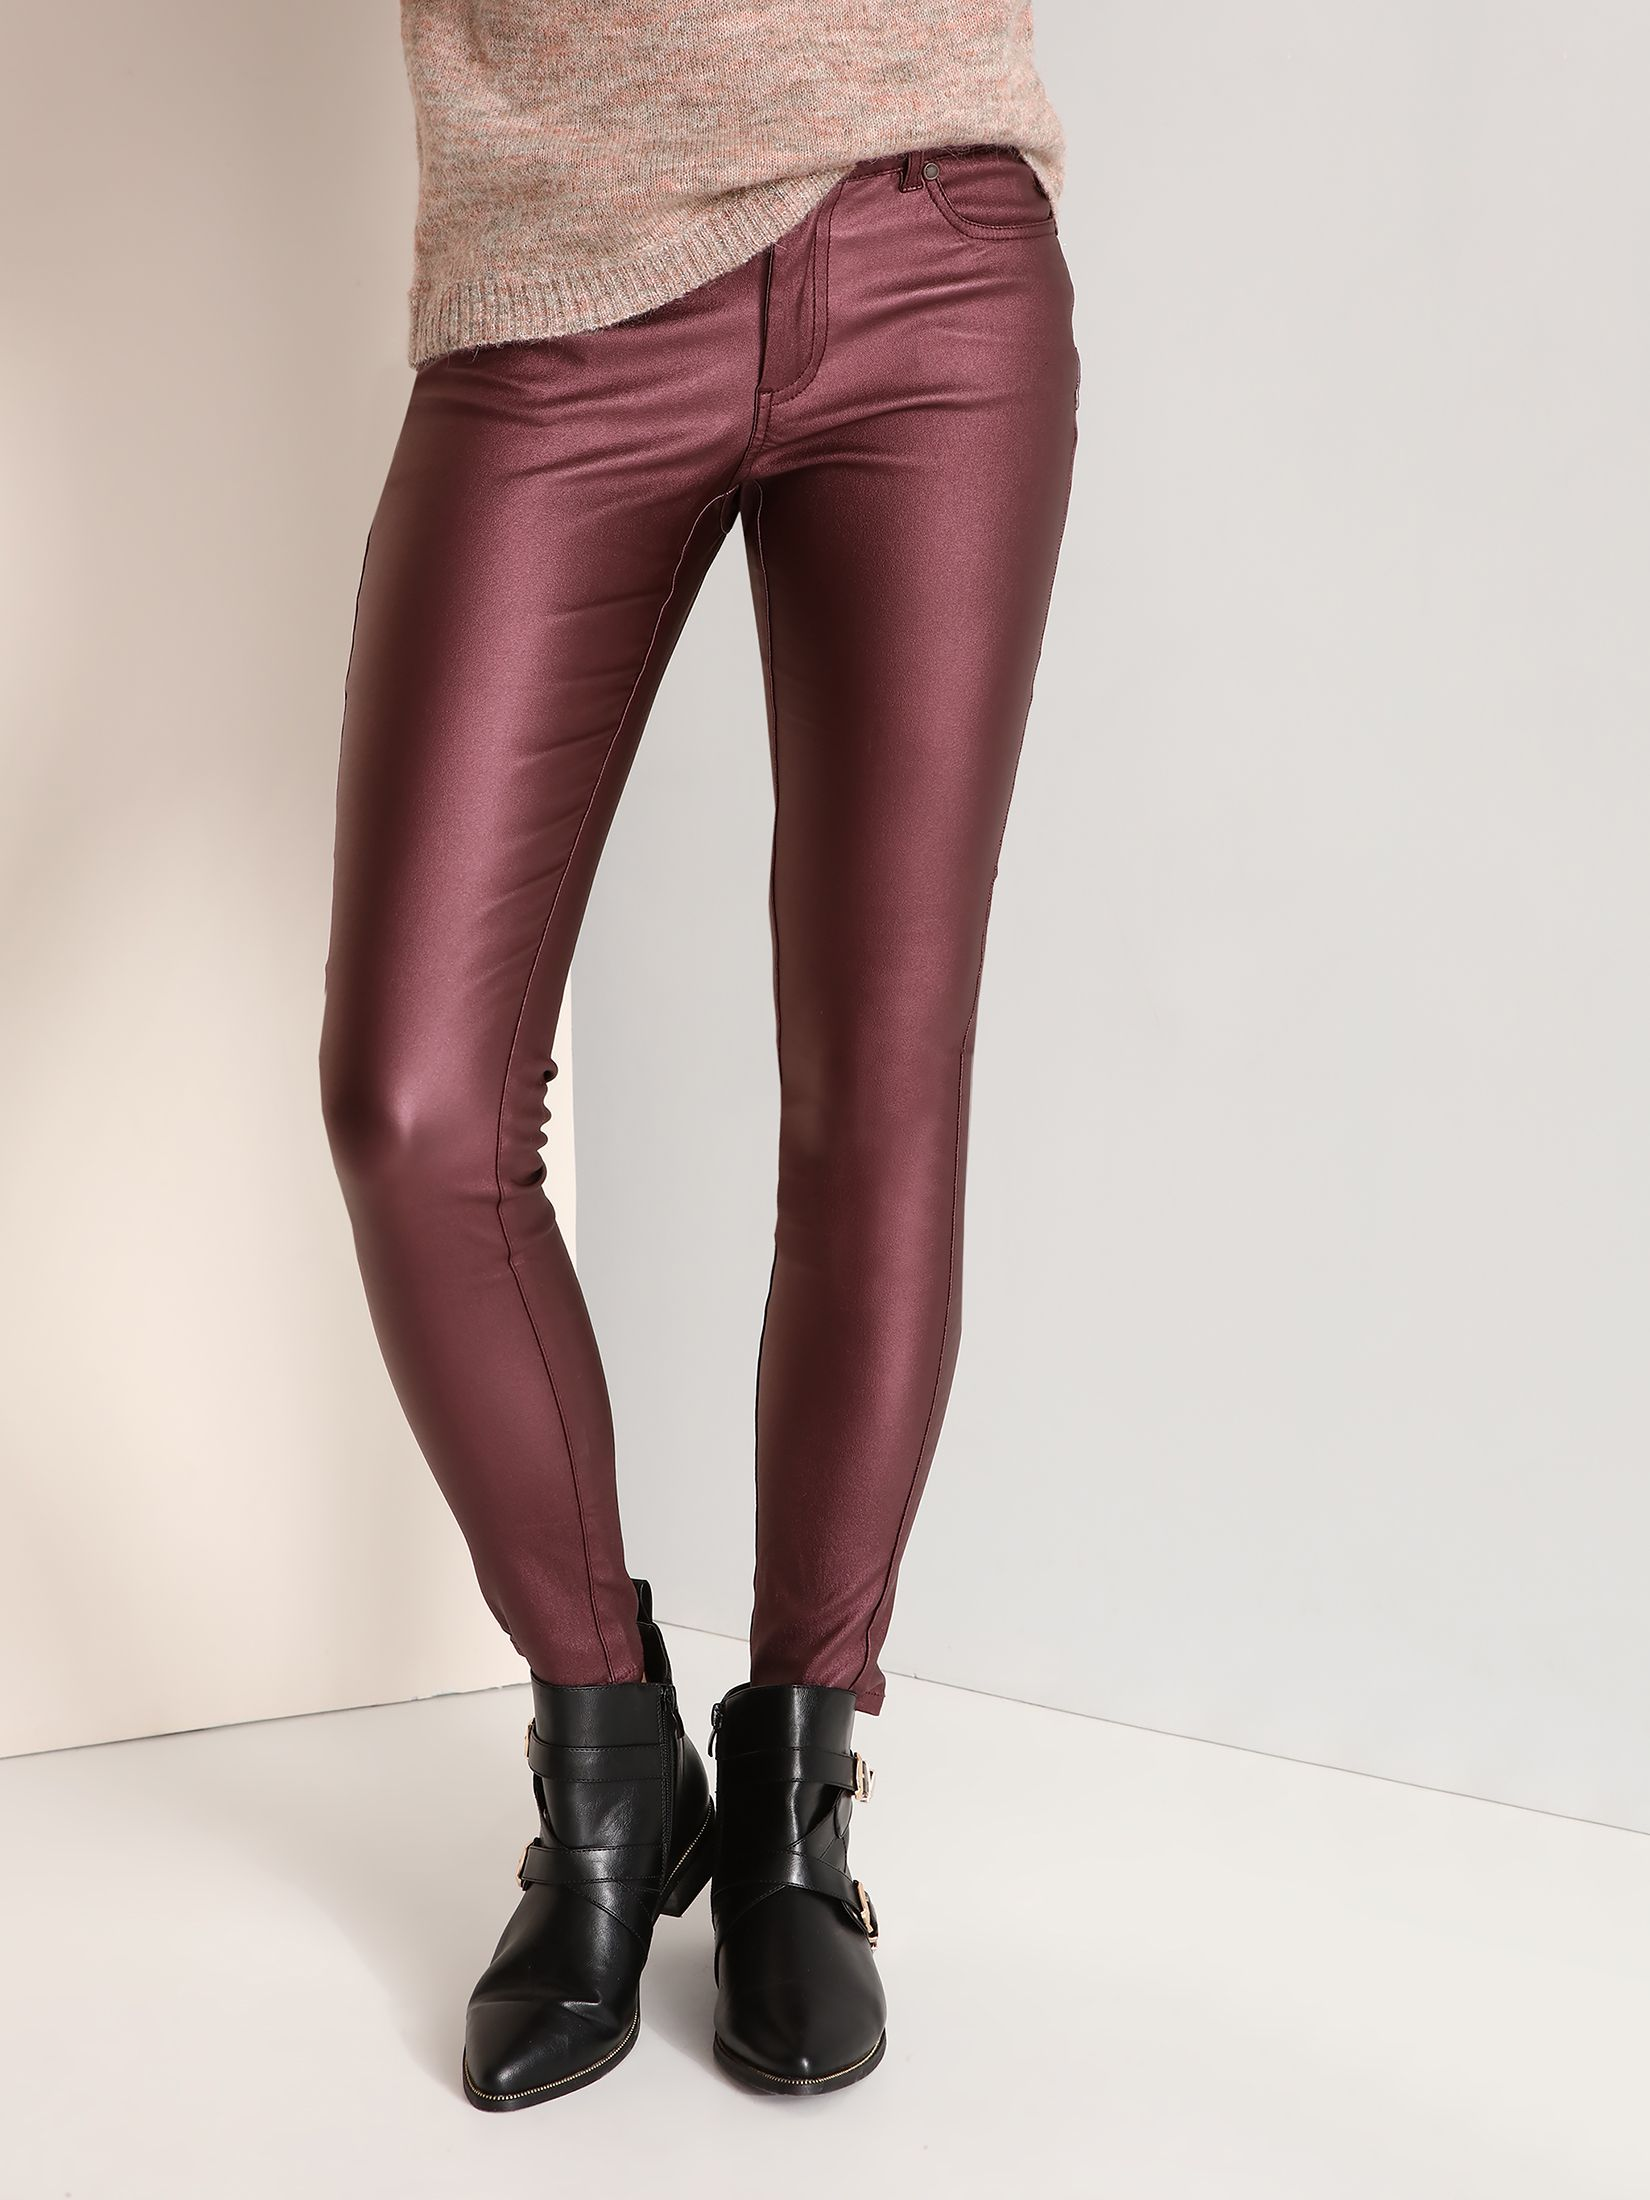 Pantaloni Top Secret mov casual conici cu talie joasa material din piele ecologica